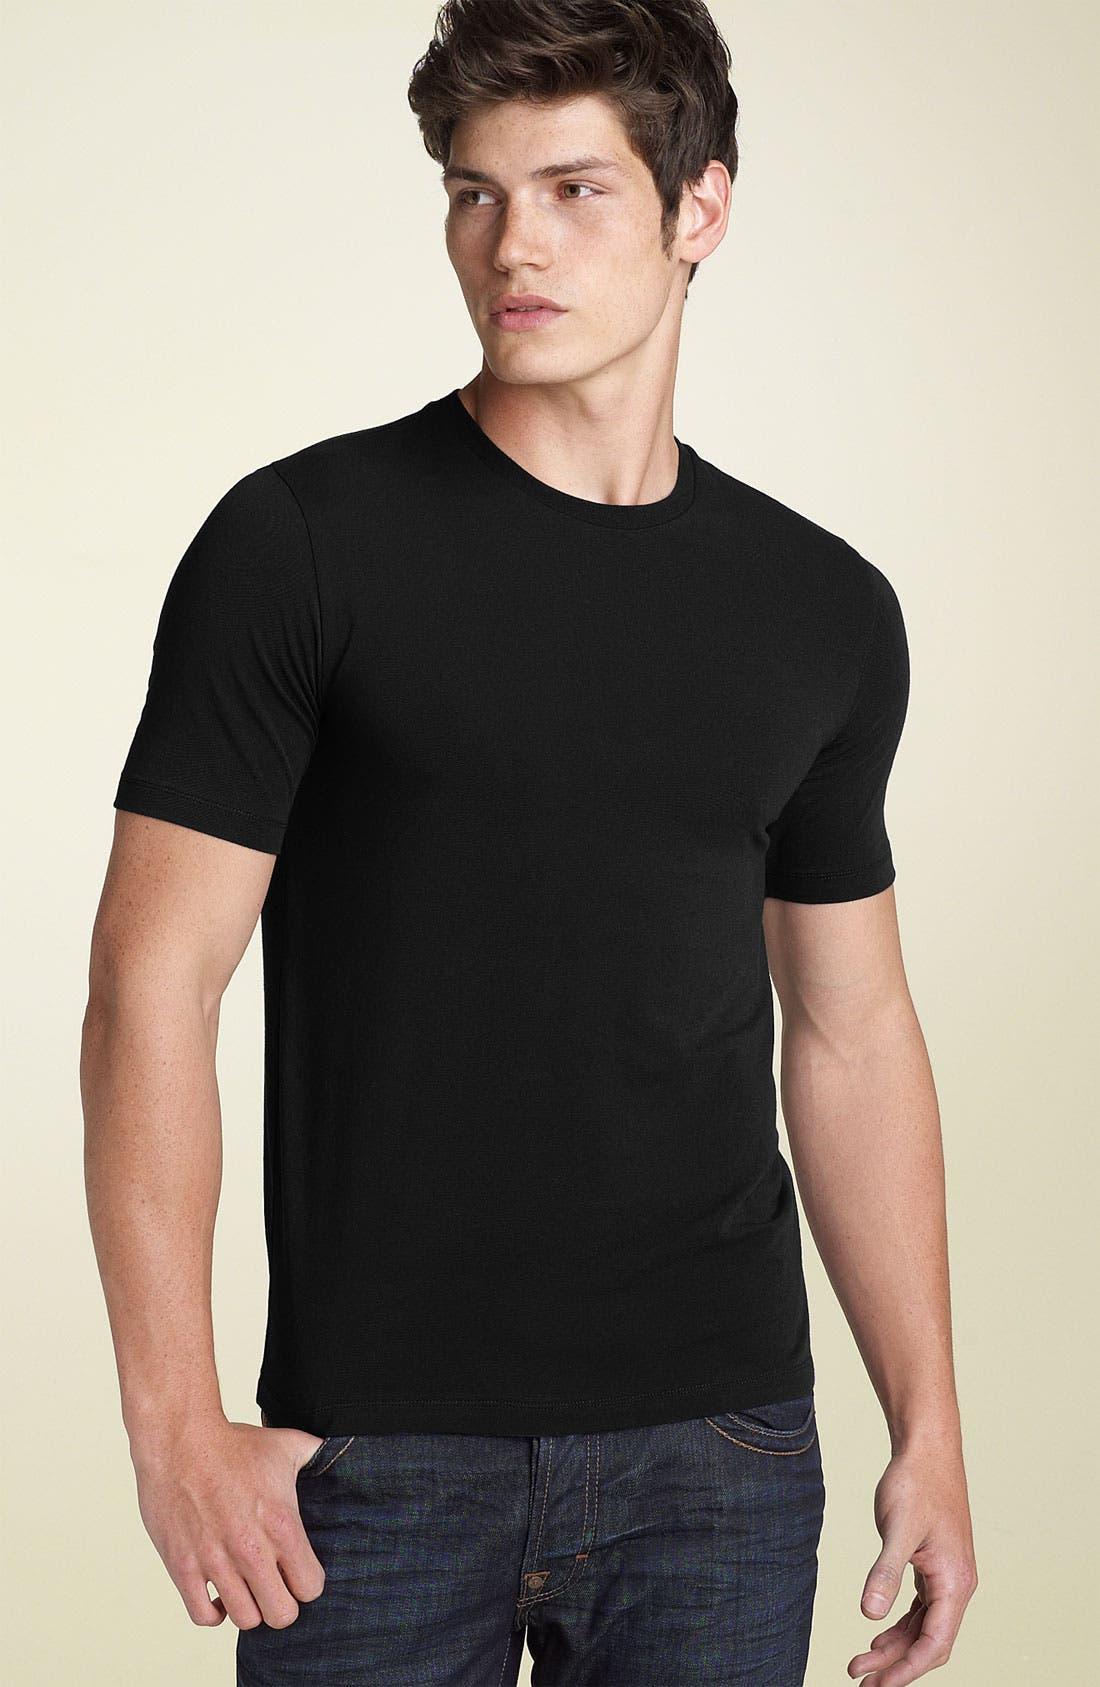 ZZDNUHUGO BOSS HUGO 'Naroolo' Trim Fit Crewneck T-Shirt, Main, color, 001